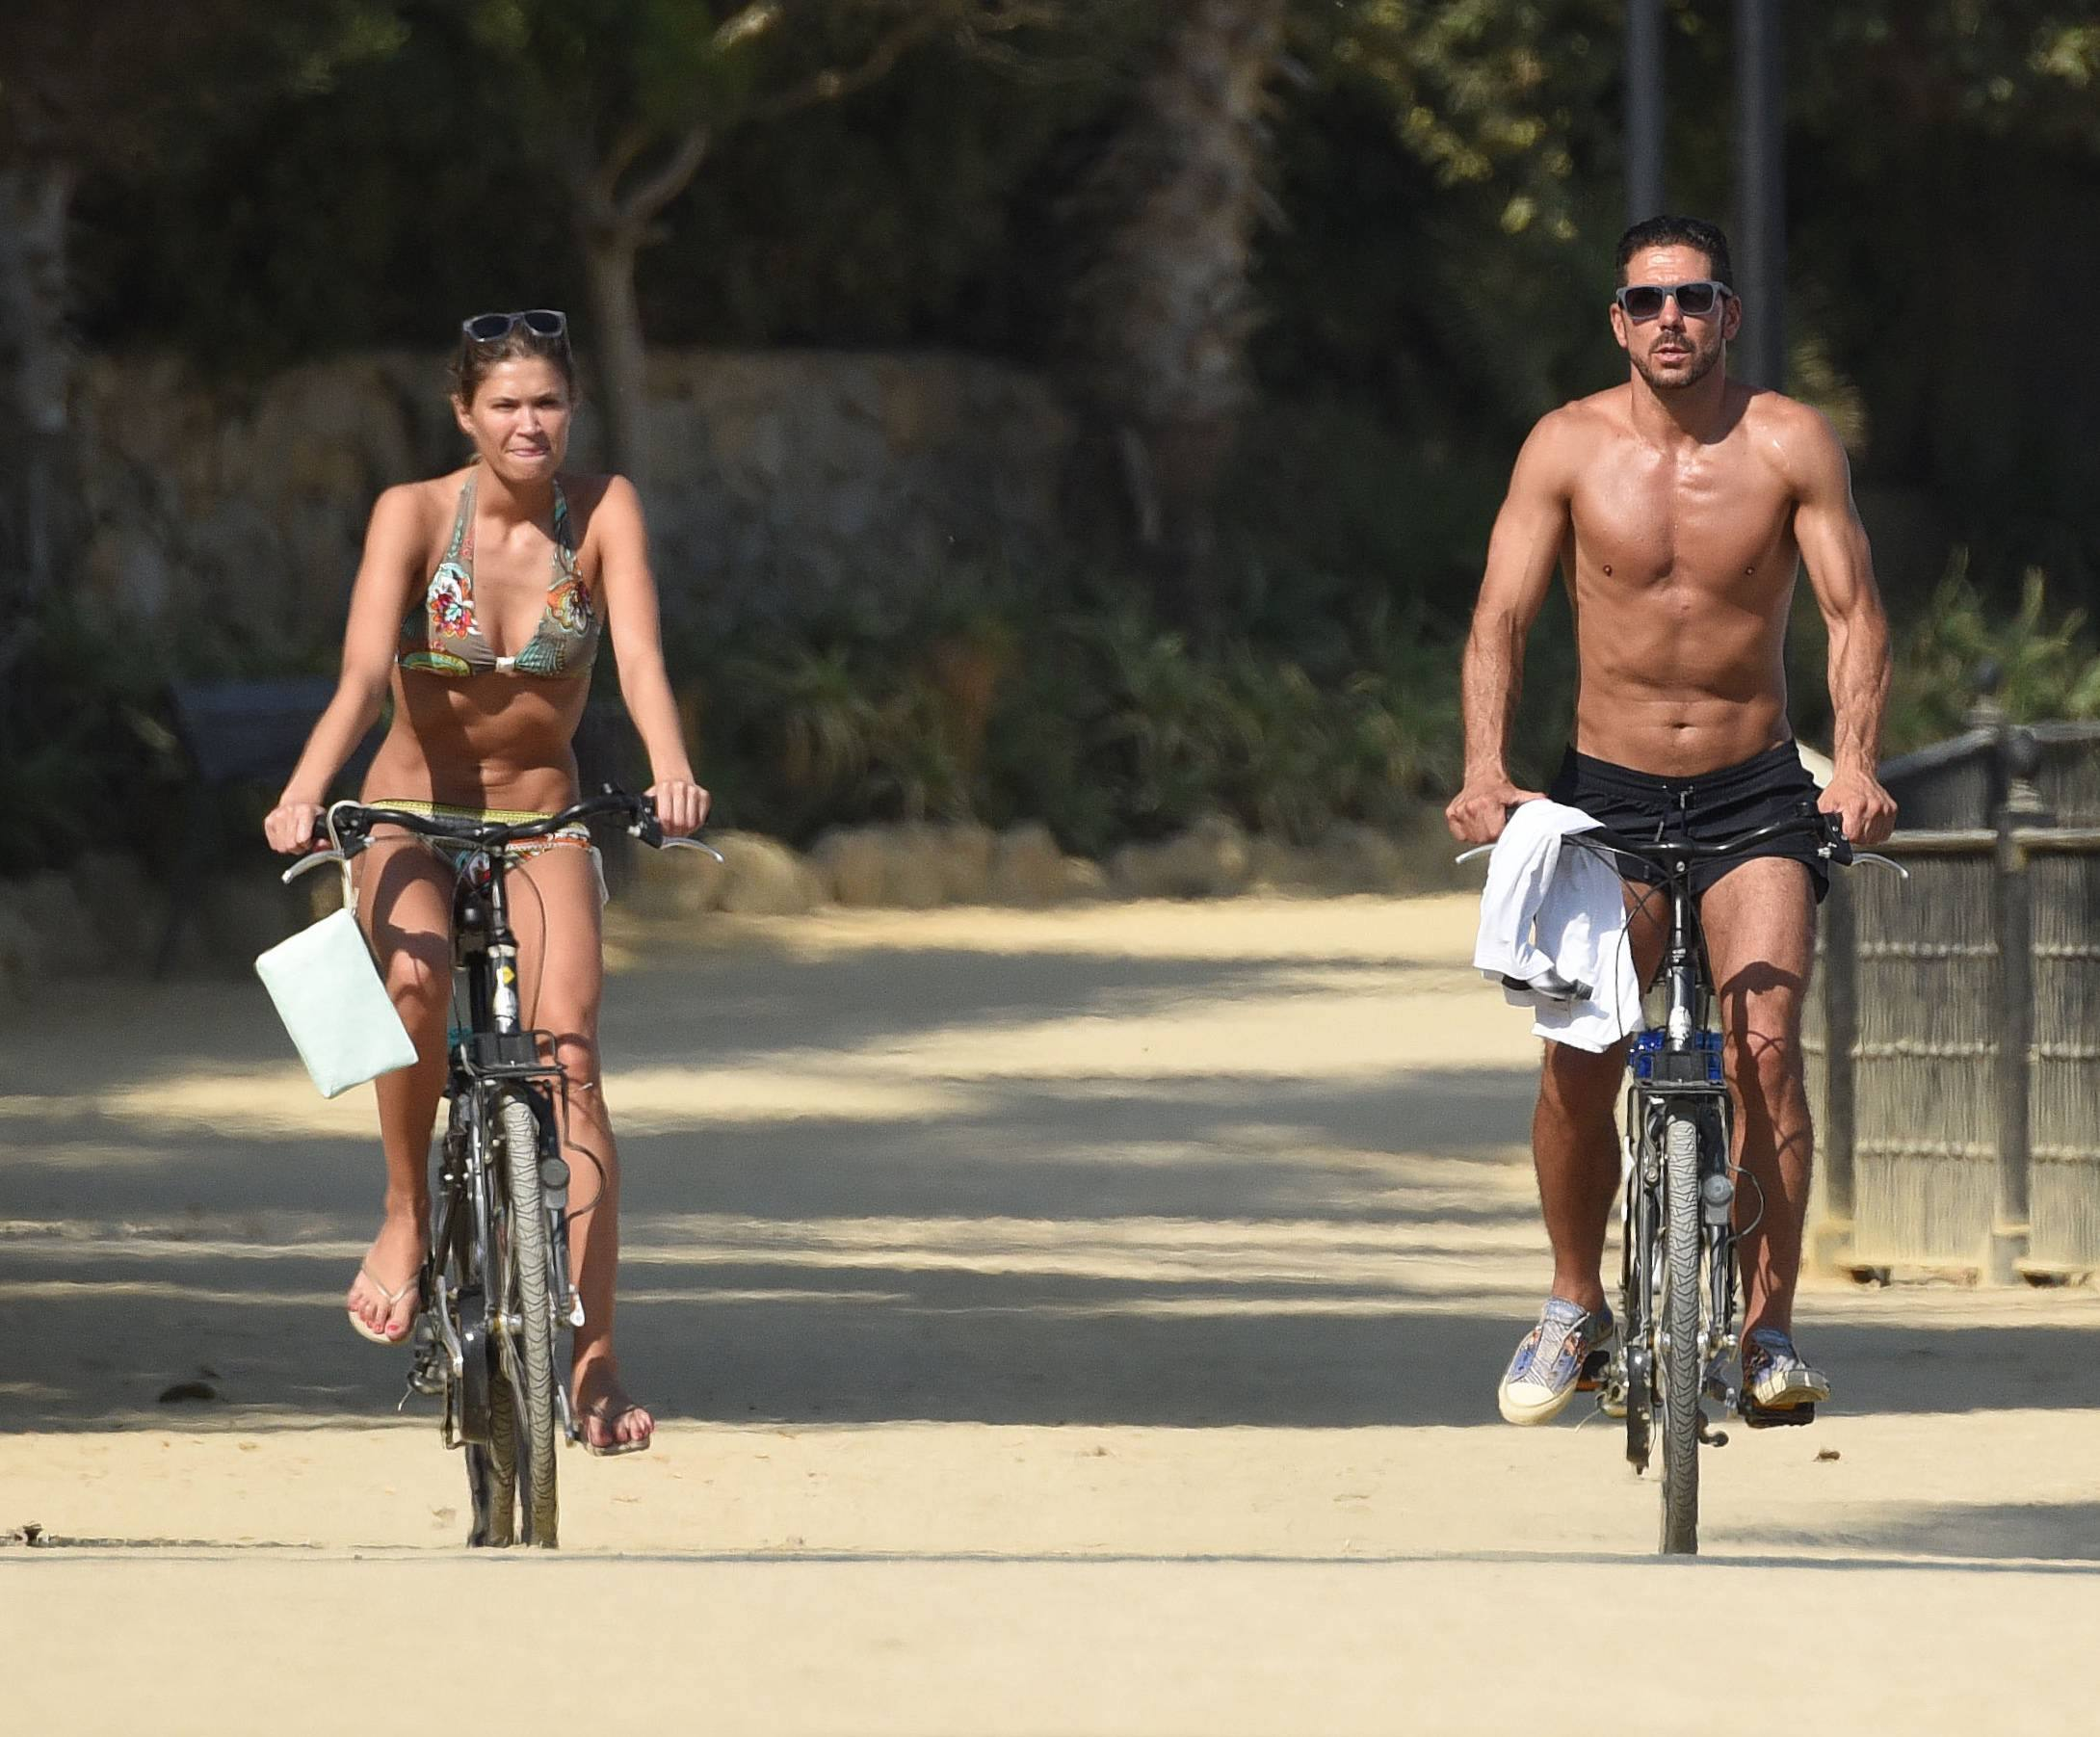 Il tecnico dell'Atletico Madrid, in vacanza a Marbella con la fidanzata Carla Pereyra, si tiene in forma con la bicicletta e dimostra di non avere un filo di grasso: sembra ancora un calciatore!<br /><br />